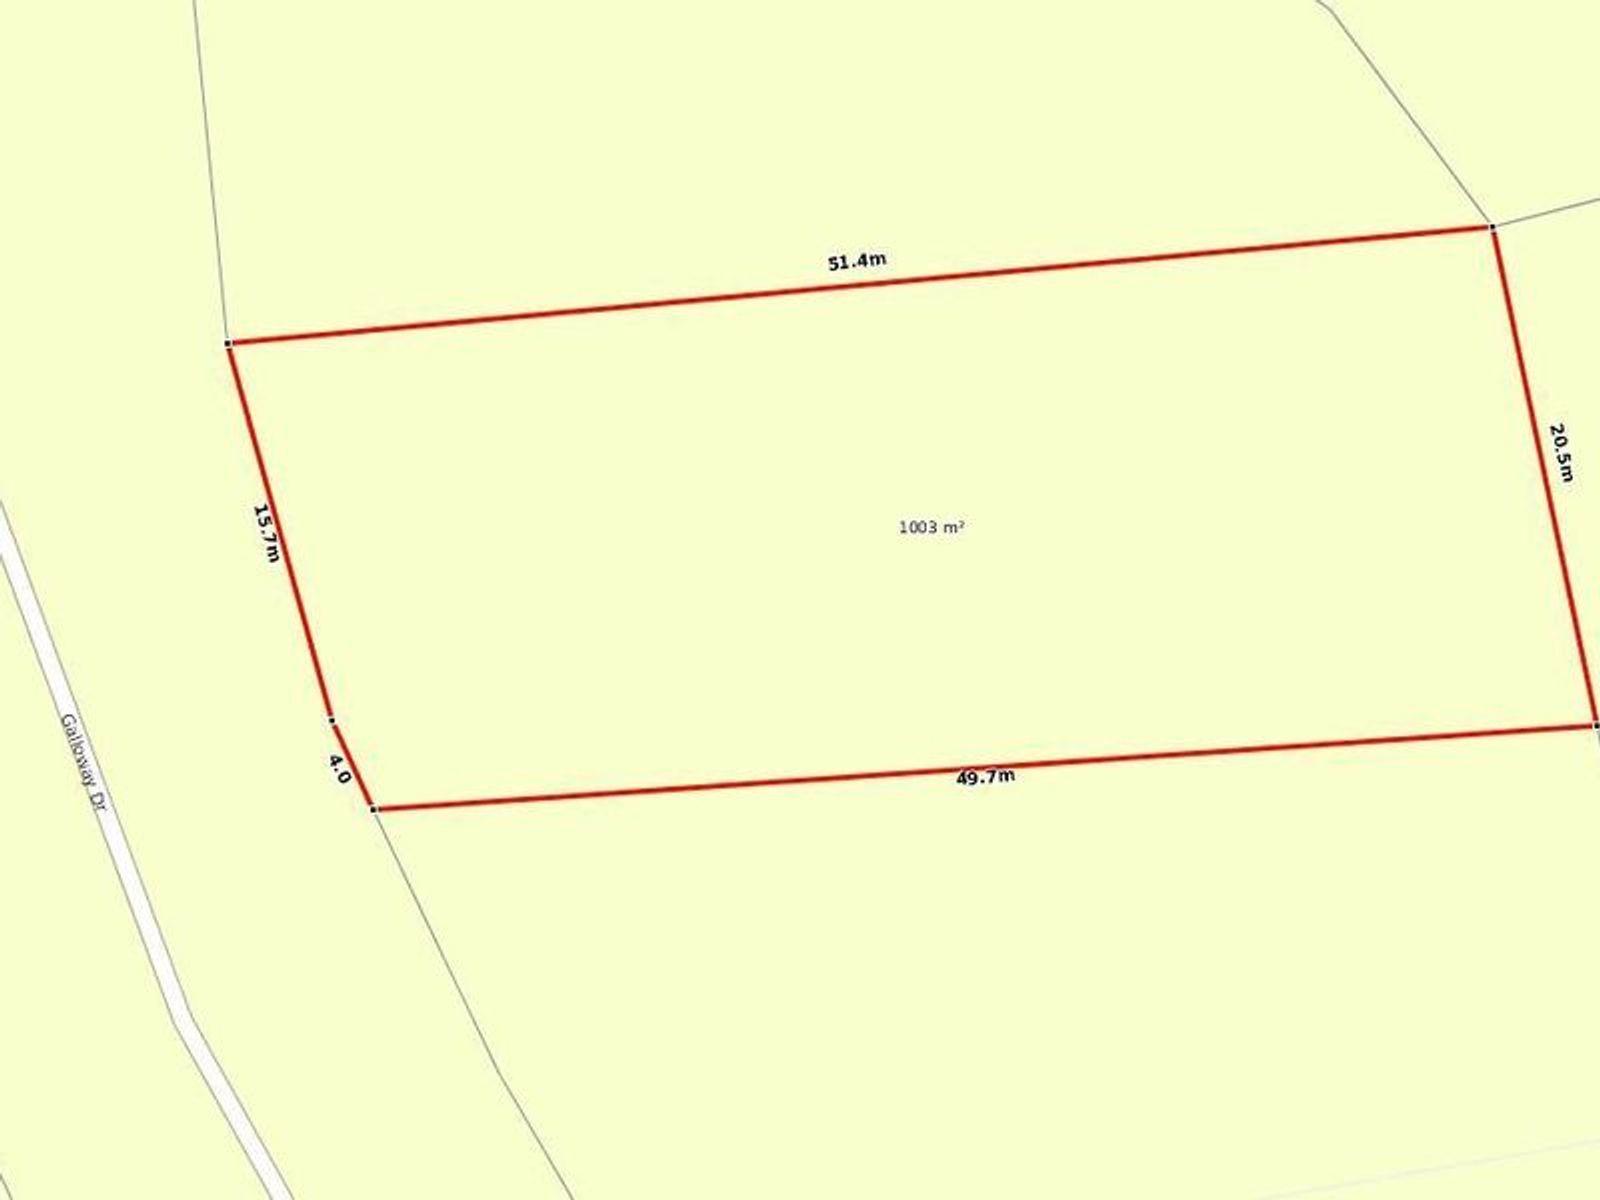 Lot 39/5 Galloway Drive, Ilbilbie, QLD 4738